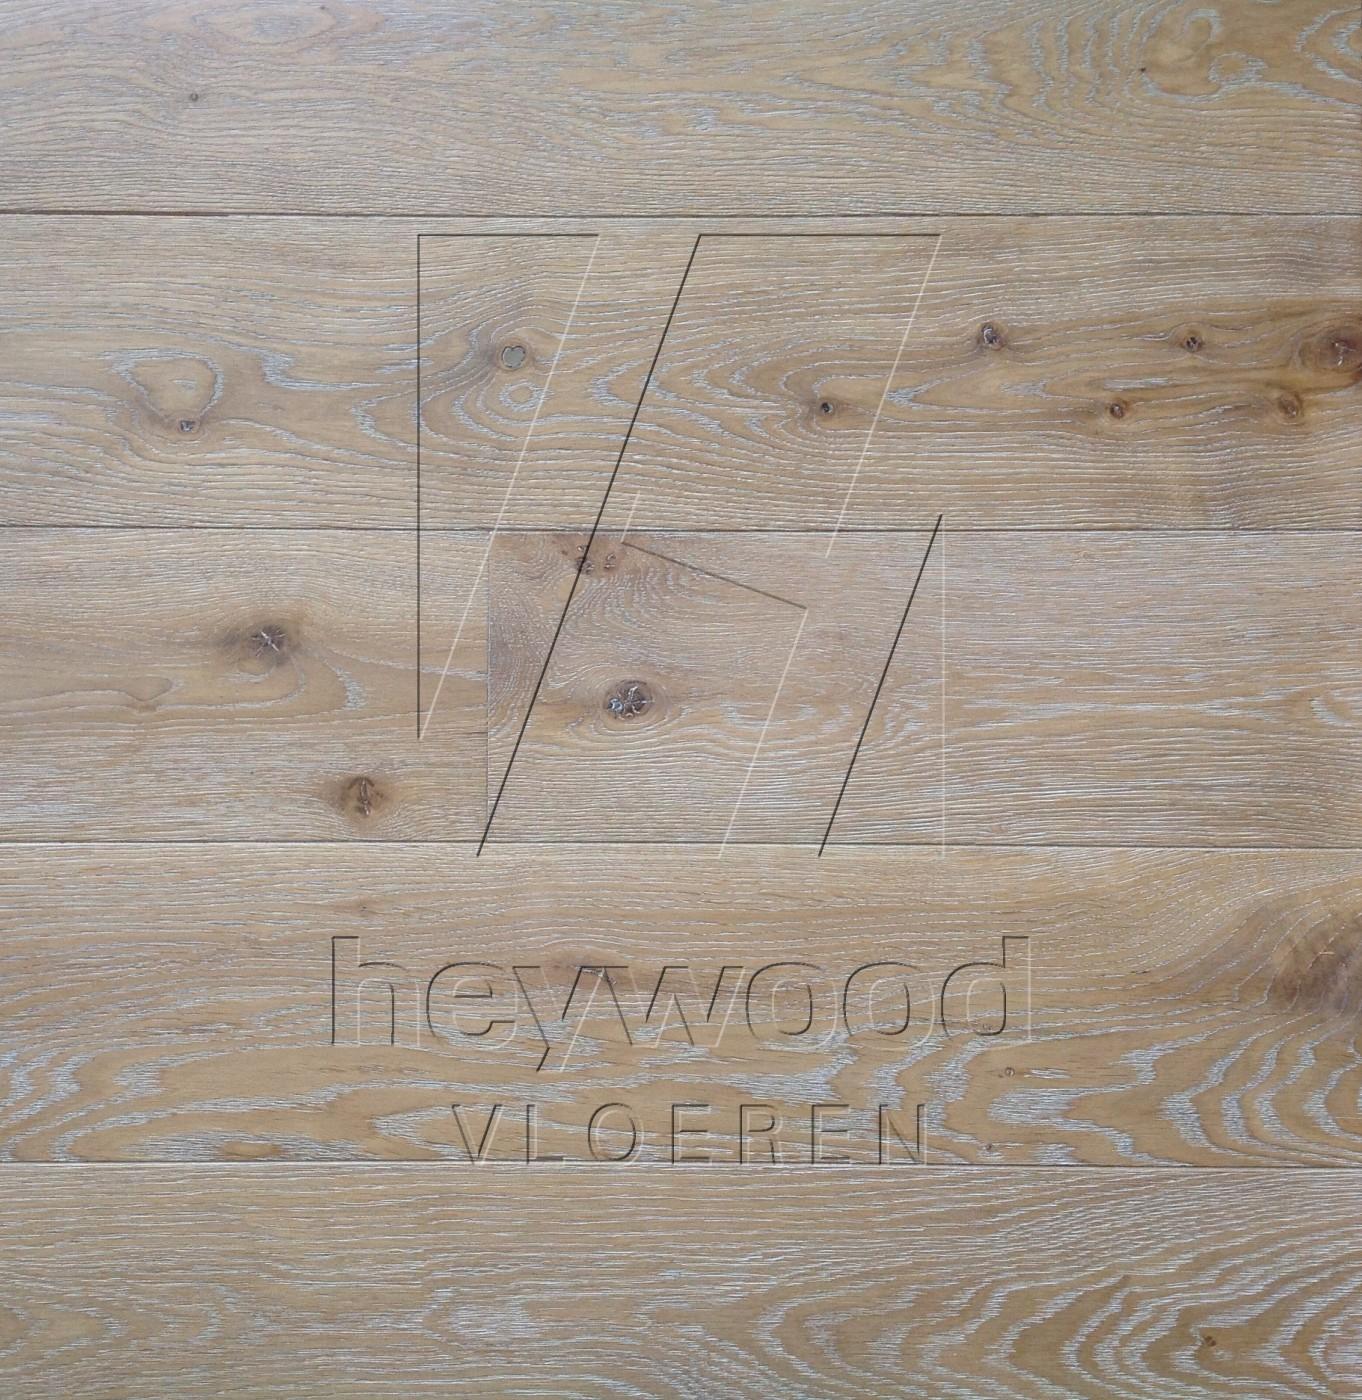 Annecy in European Oak Character of Bespoke Wooden Floors